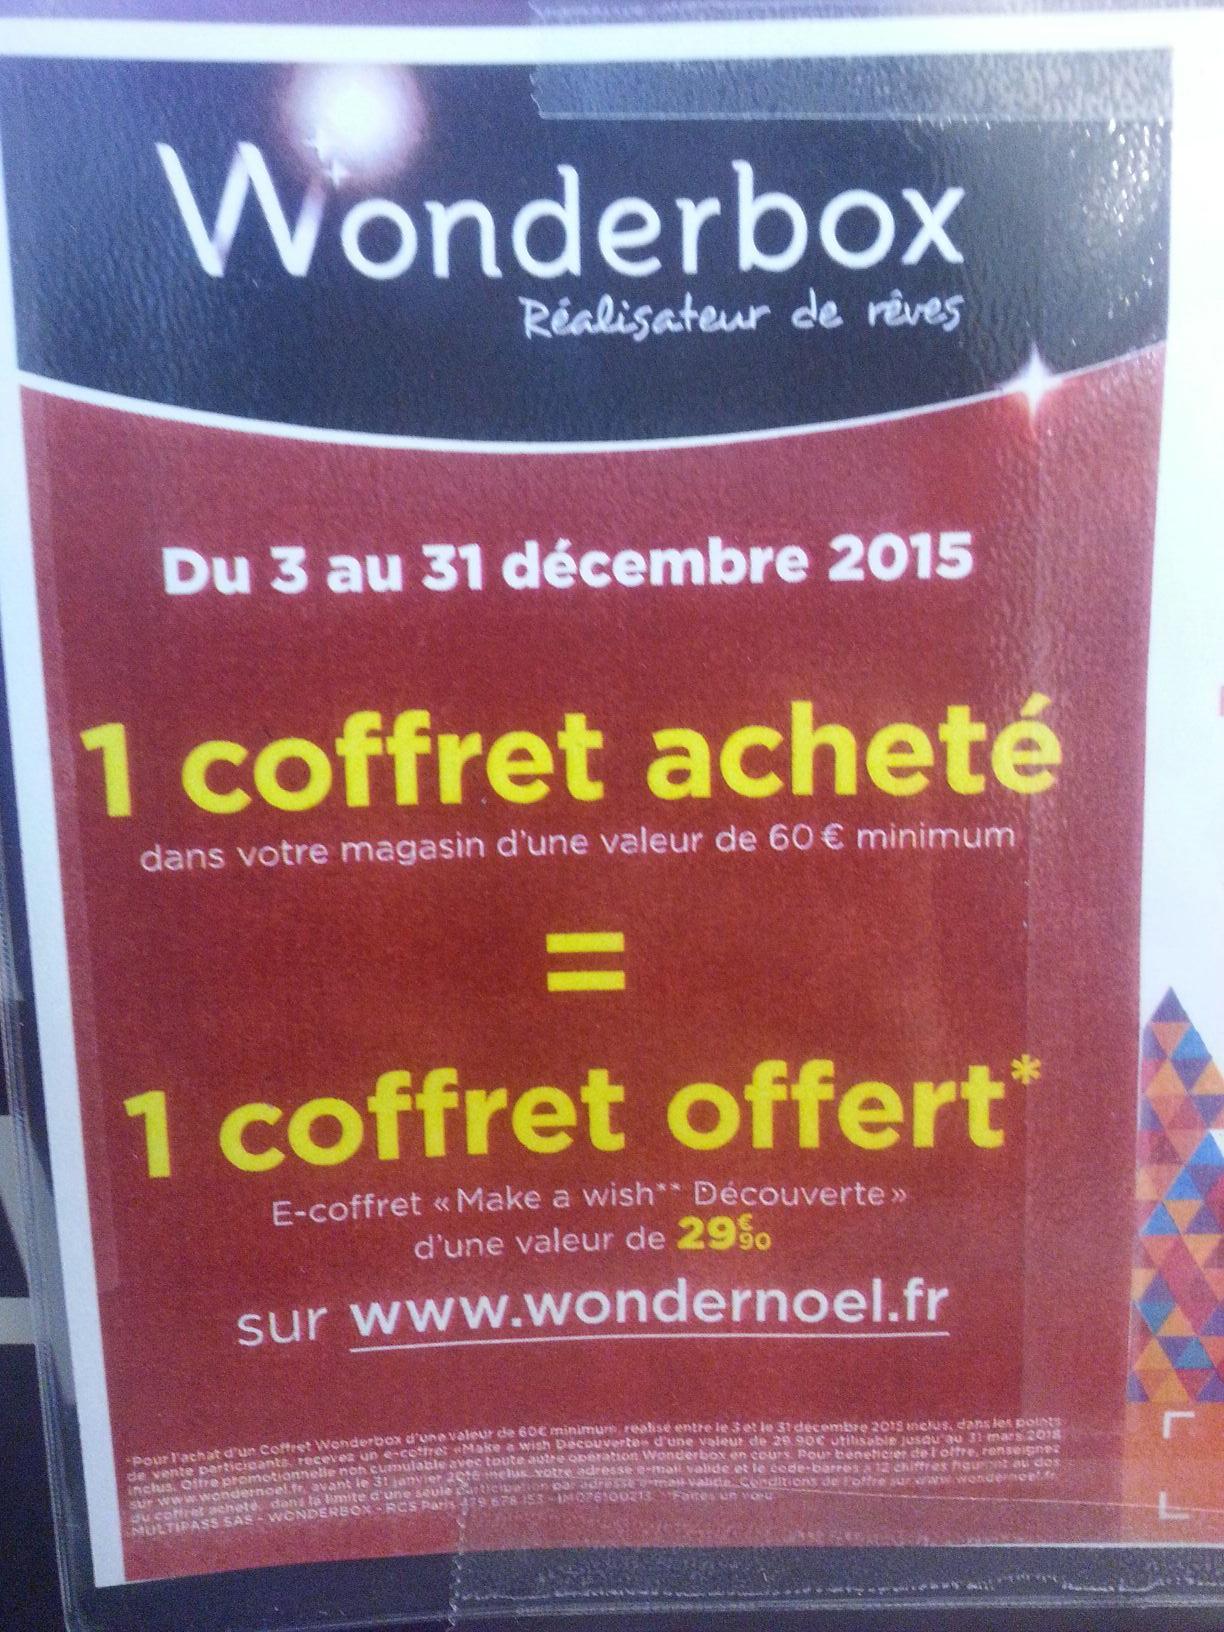 Un coffret Wonderbox offert (valeur de 29,90€) pour l'achat d'un coffret à 60€ minimum